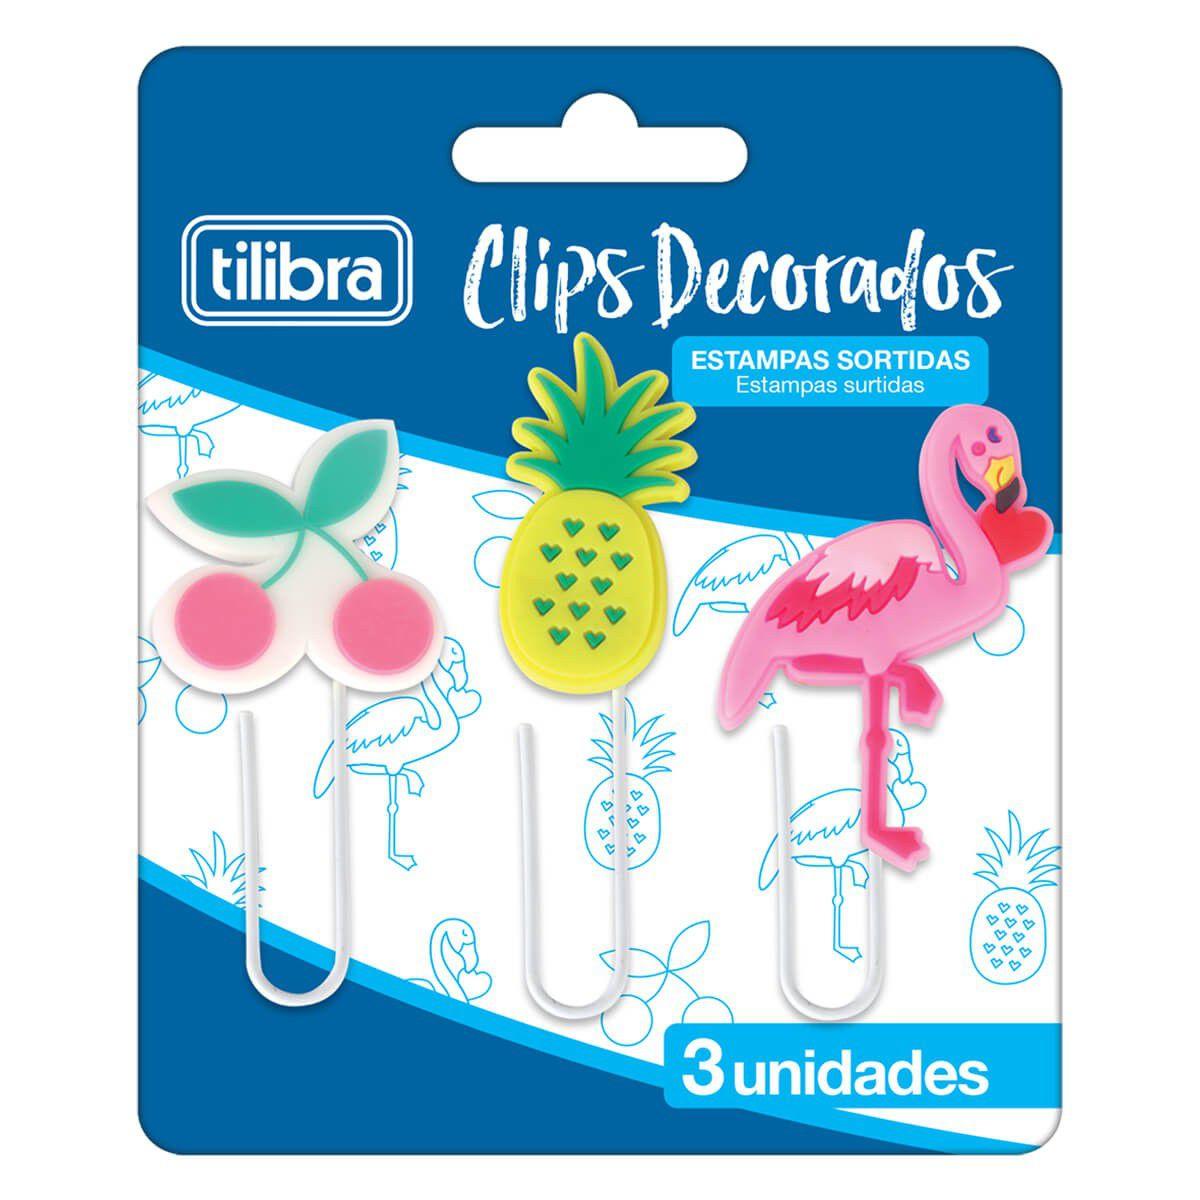 Clips Decorados Estampas Sortidas Tilibra 3 Un. 302791 28192